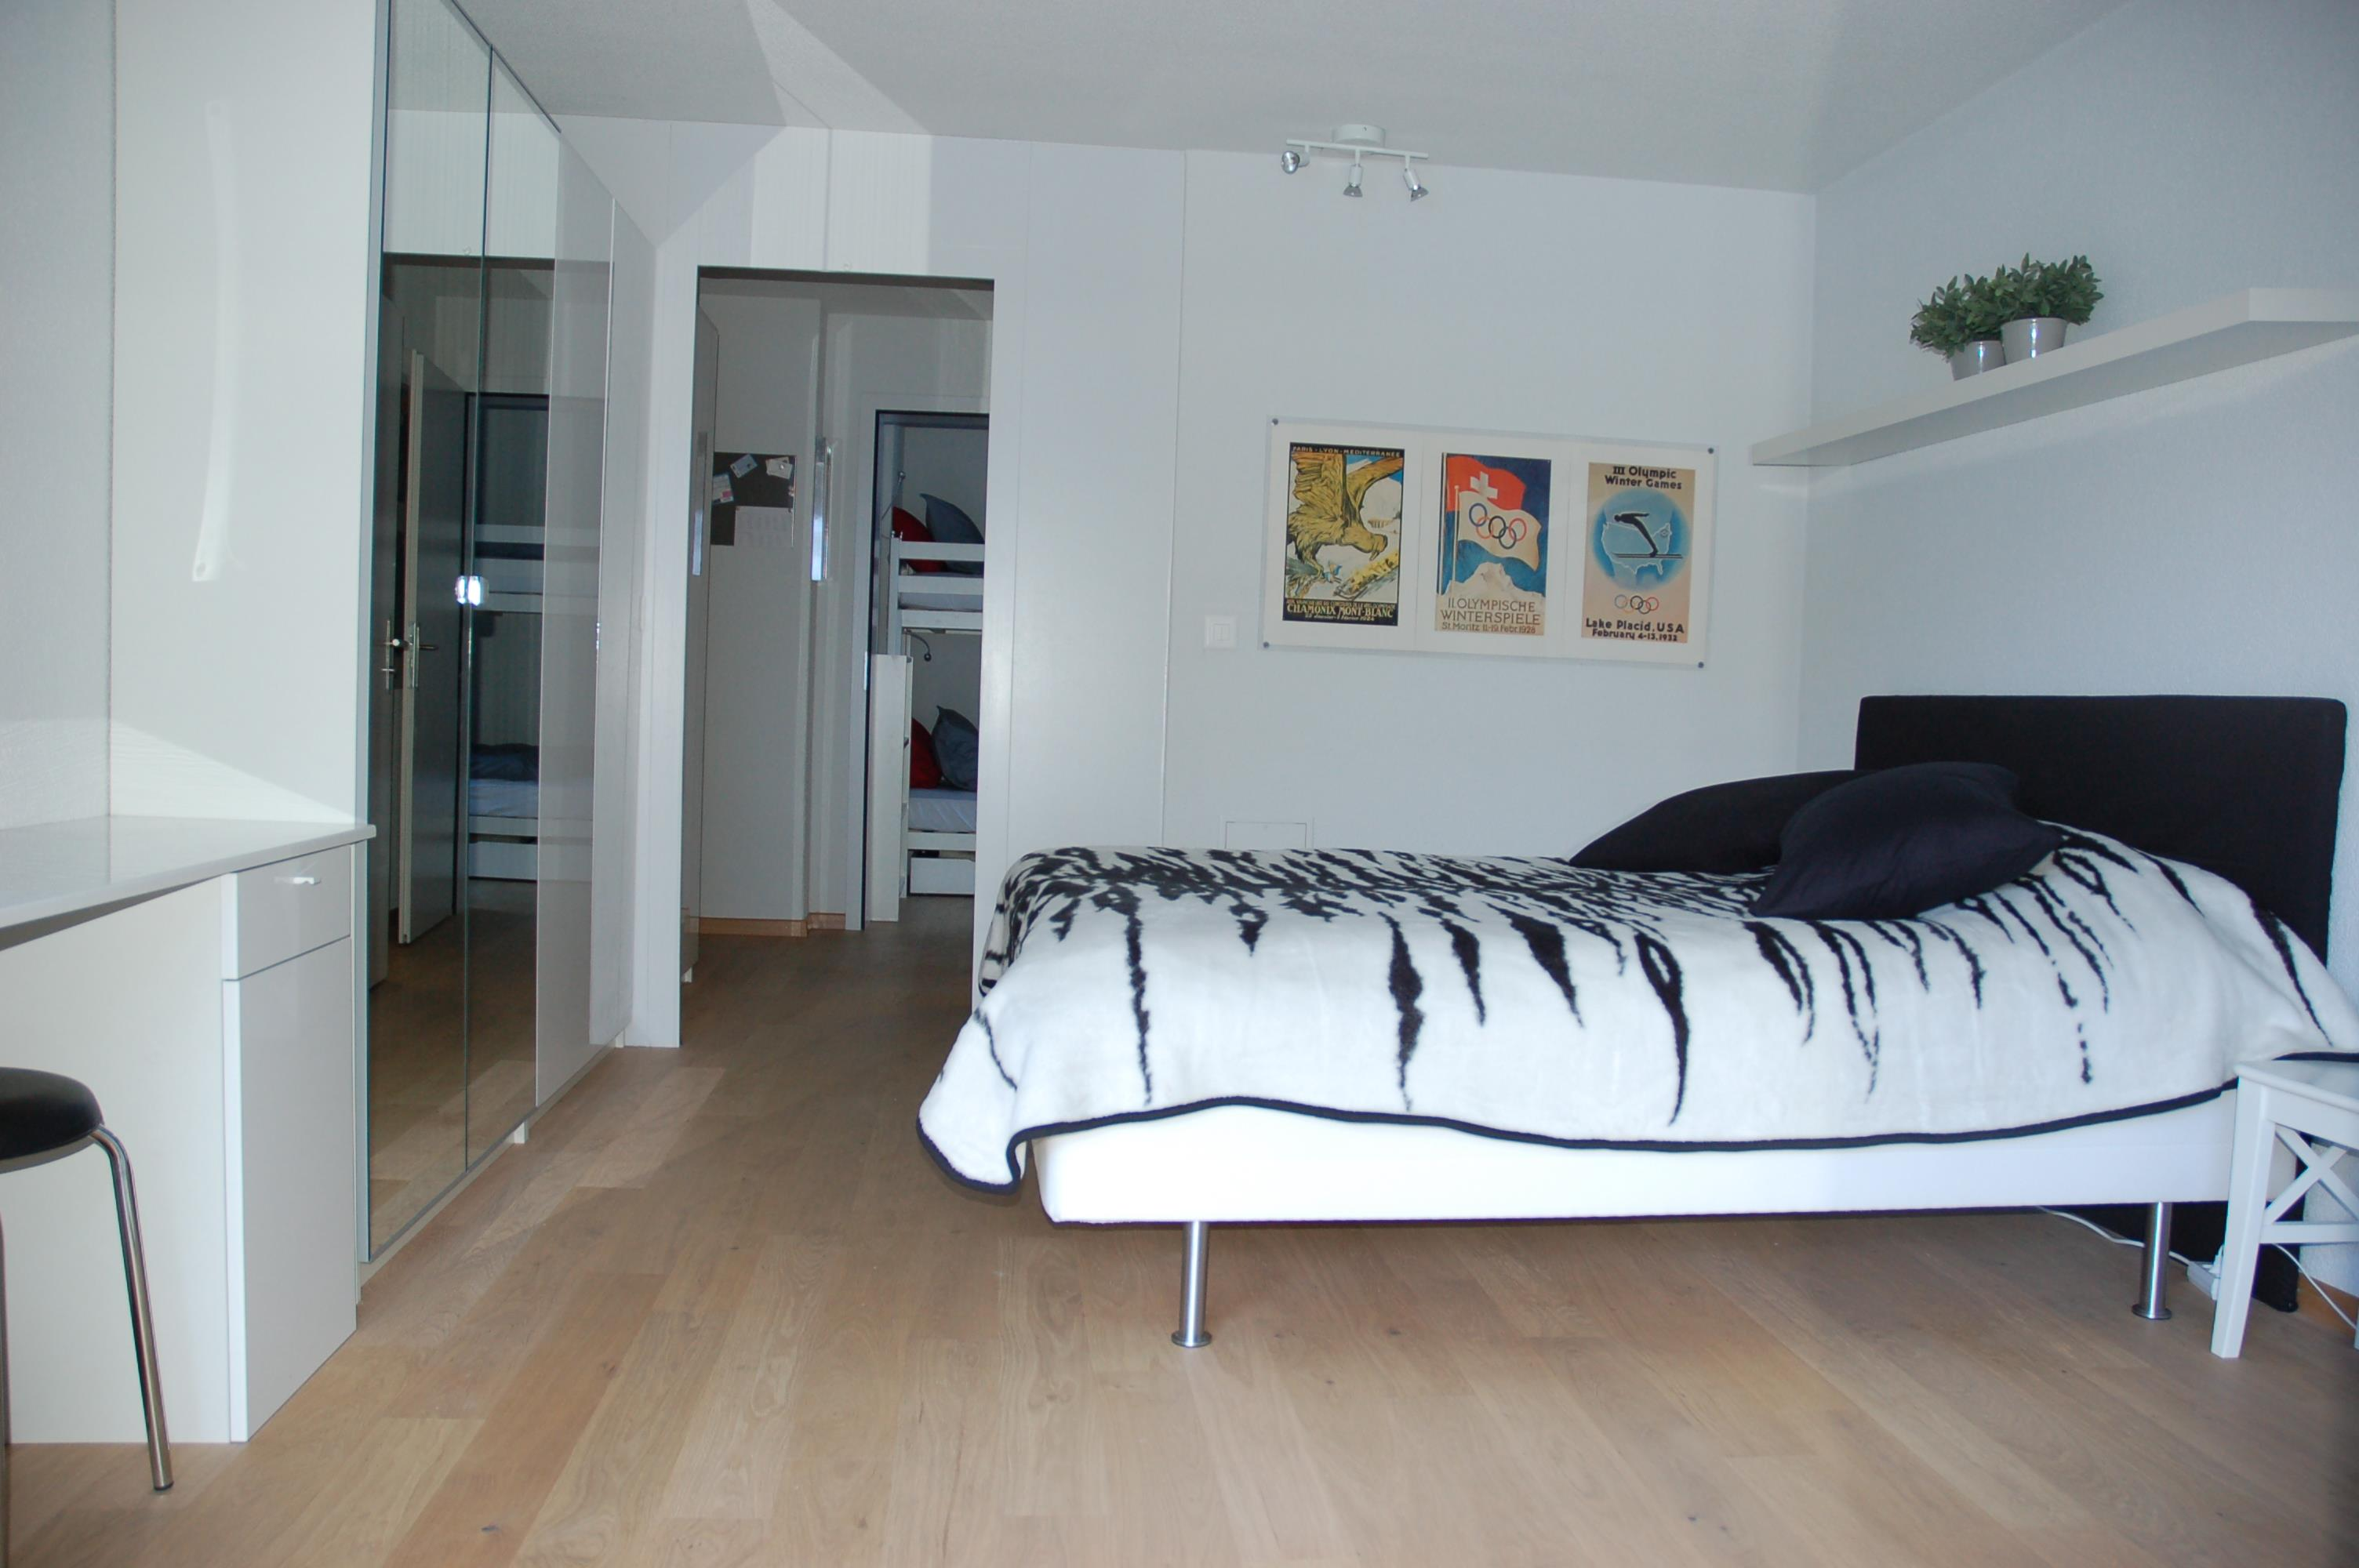 Ferienwohnung Eiger Residence 6 Bett Wohnung (2712549), Wengen, Jungfrauregion, Berner Oberland, Schweiz, Bild 4